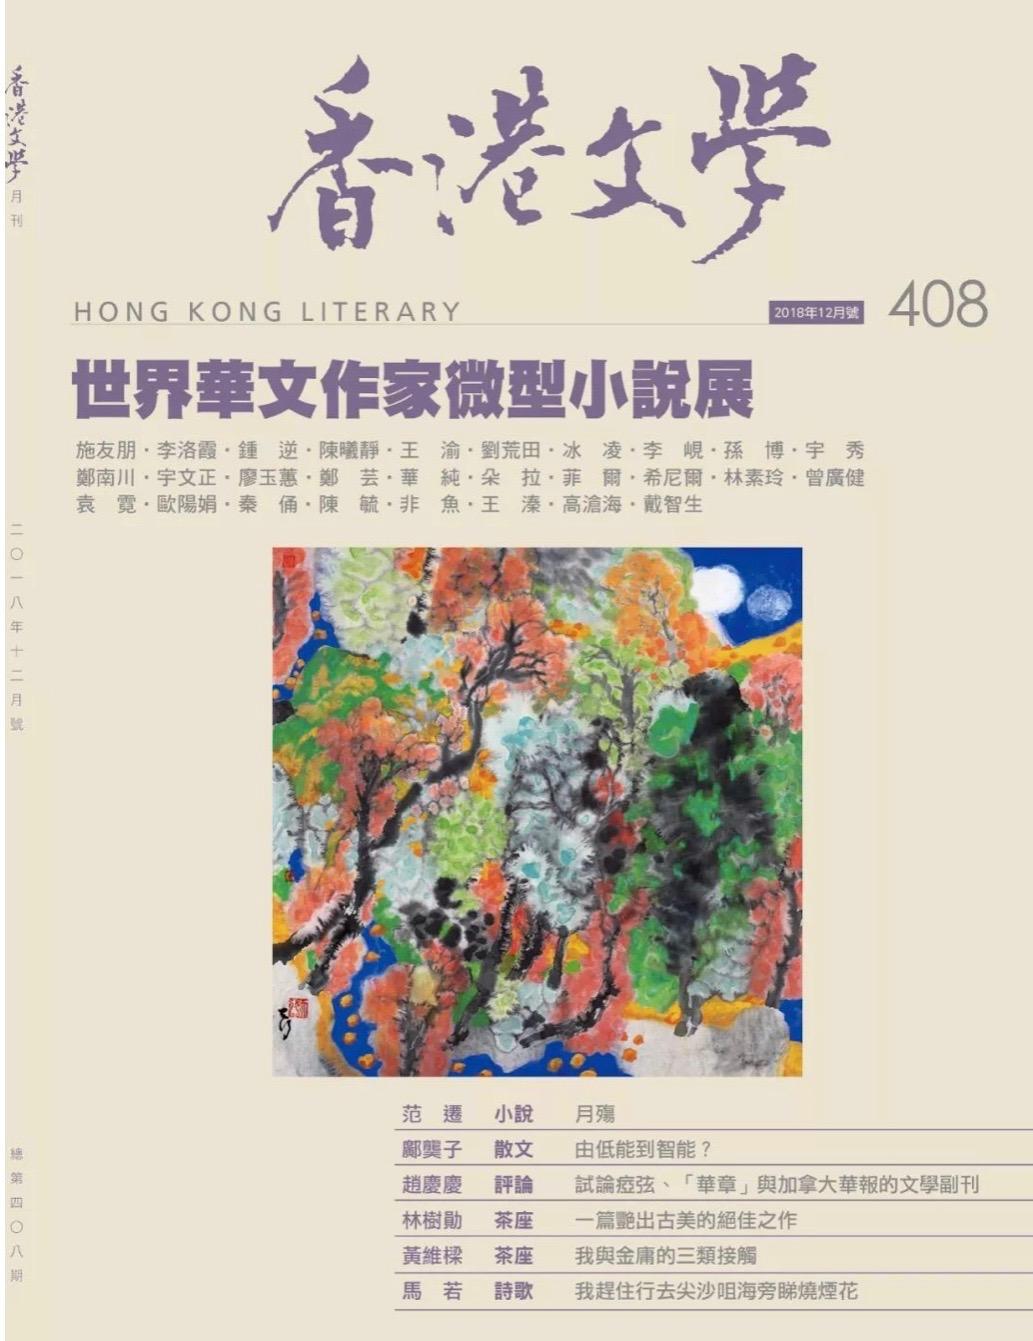 李岘的《安之若素》原载《香港文学》2018年12月刊;选登《小说选刊》2019年4月刊。